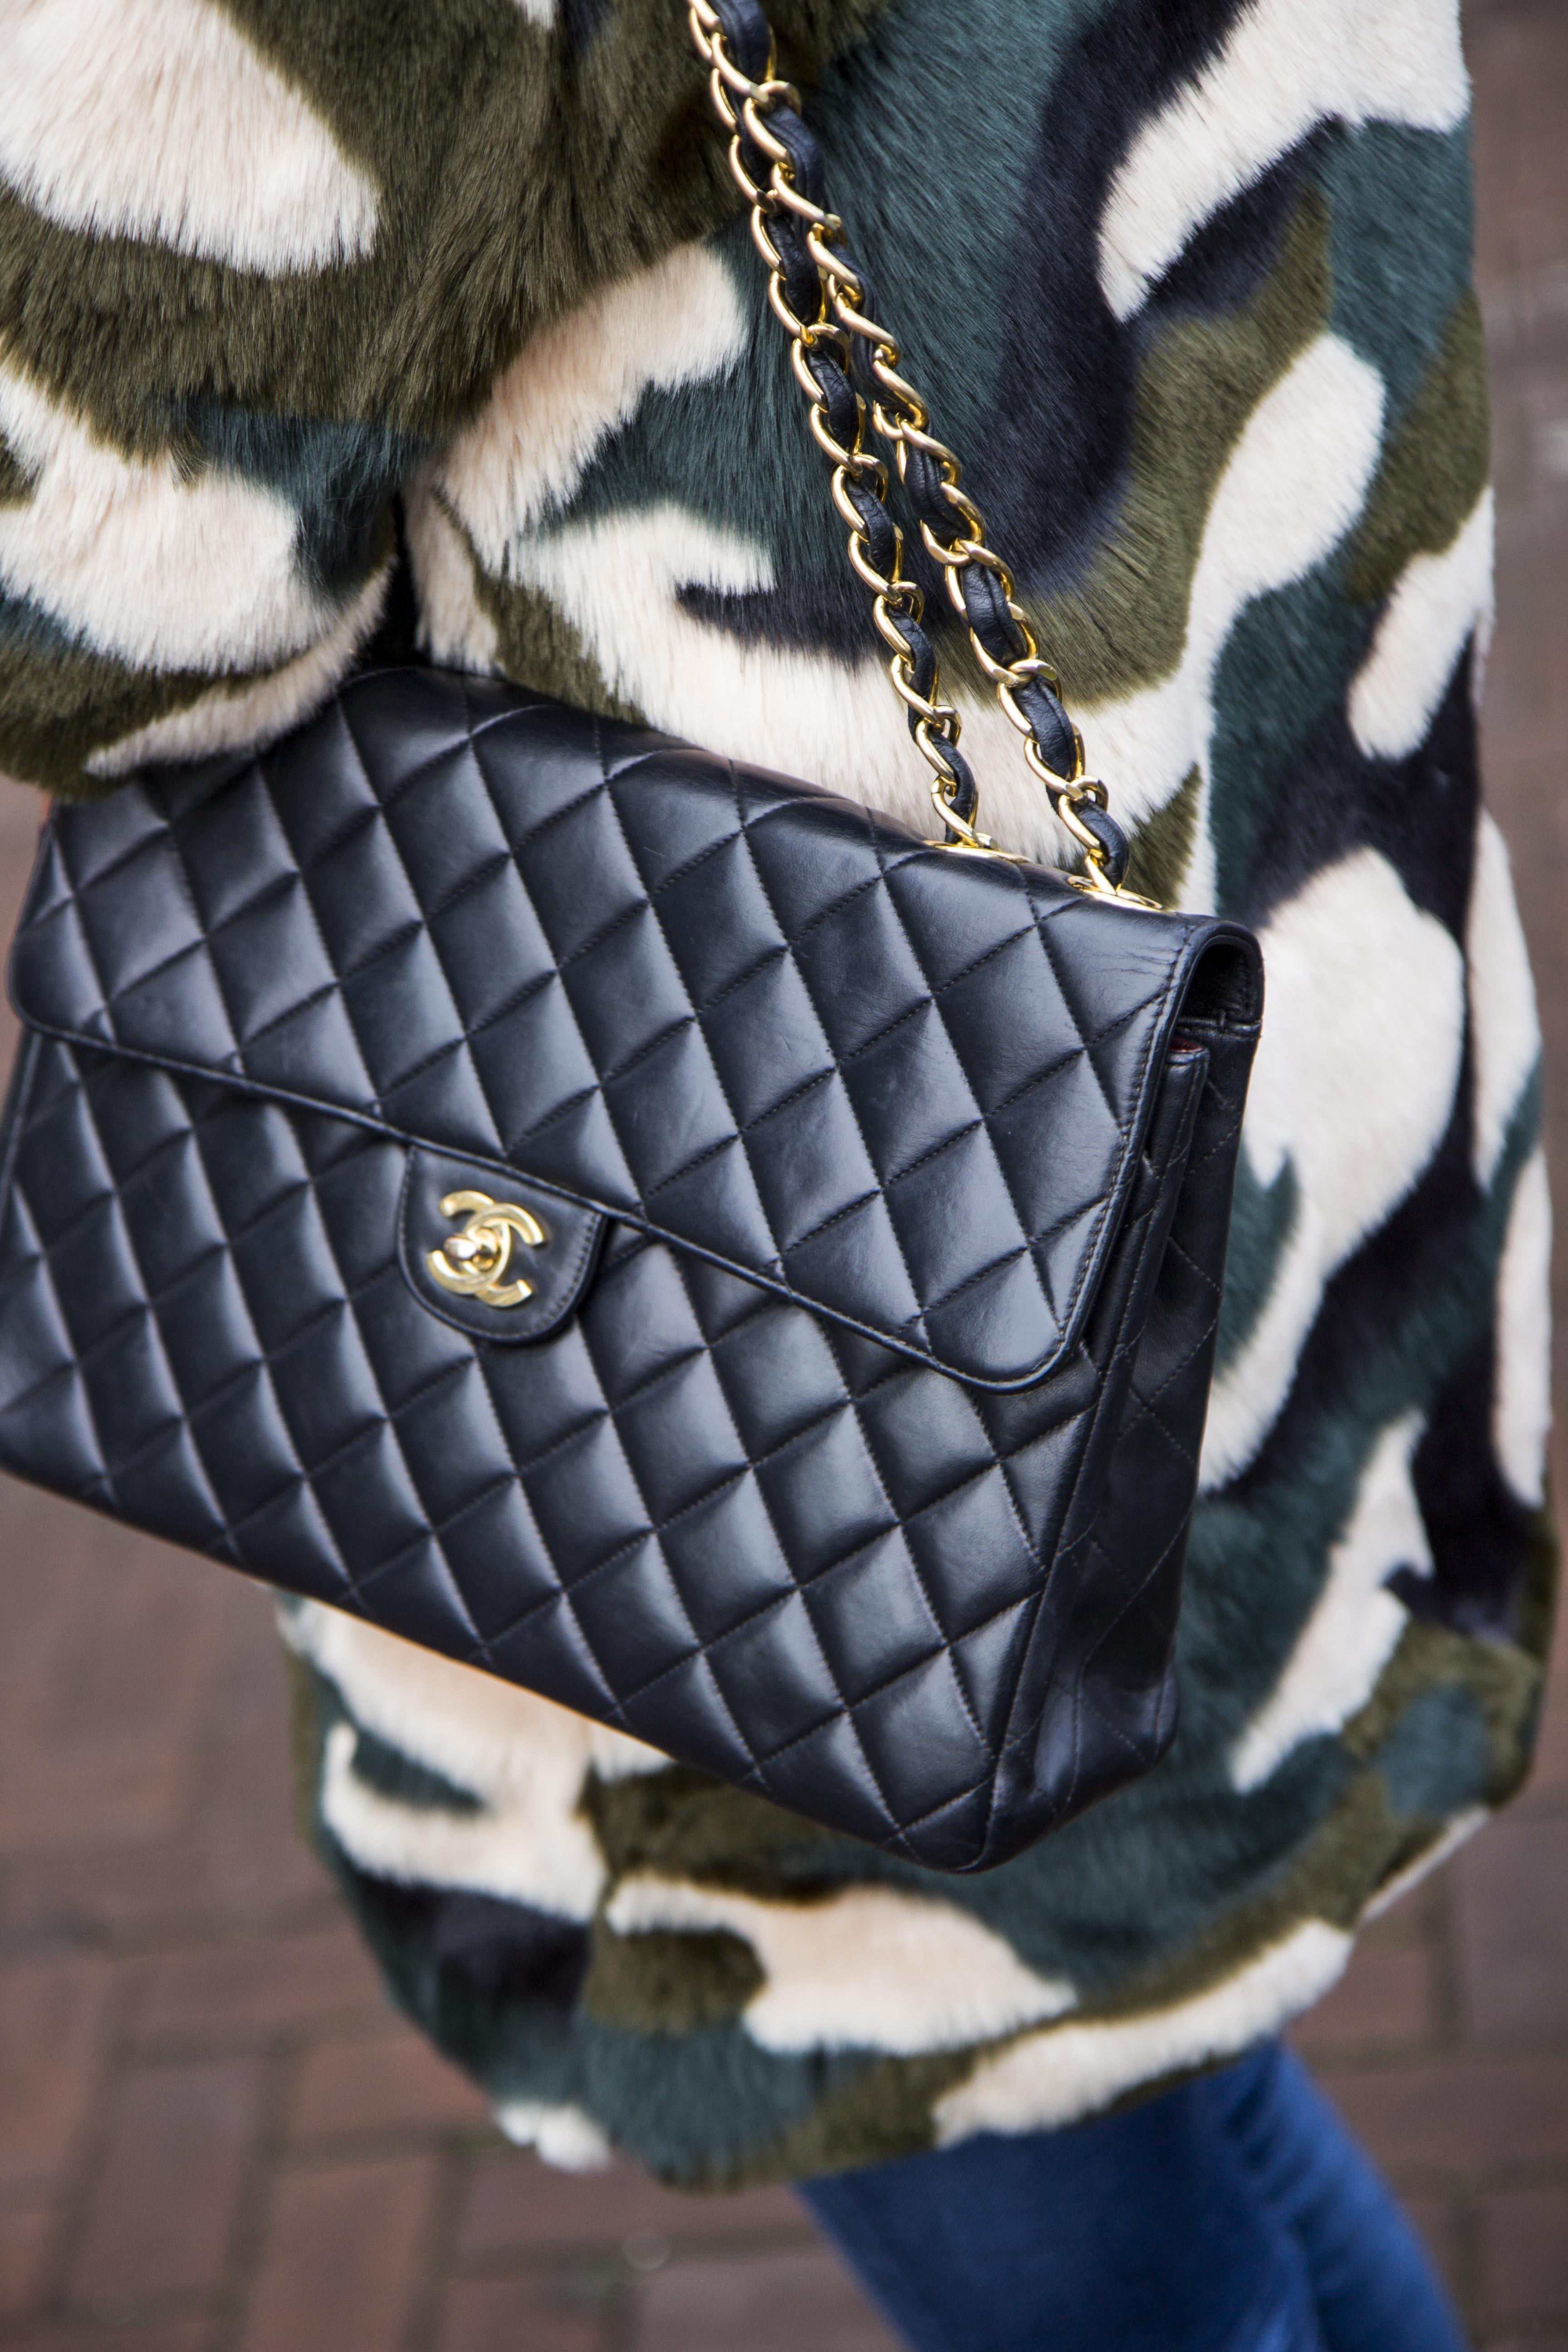 Bag at You - Chanel Bag